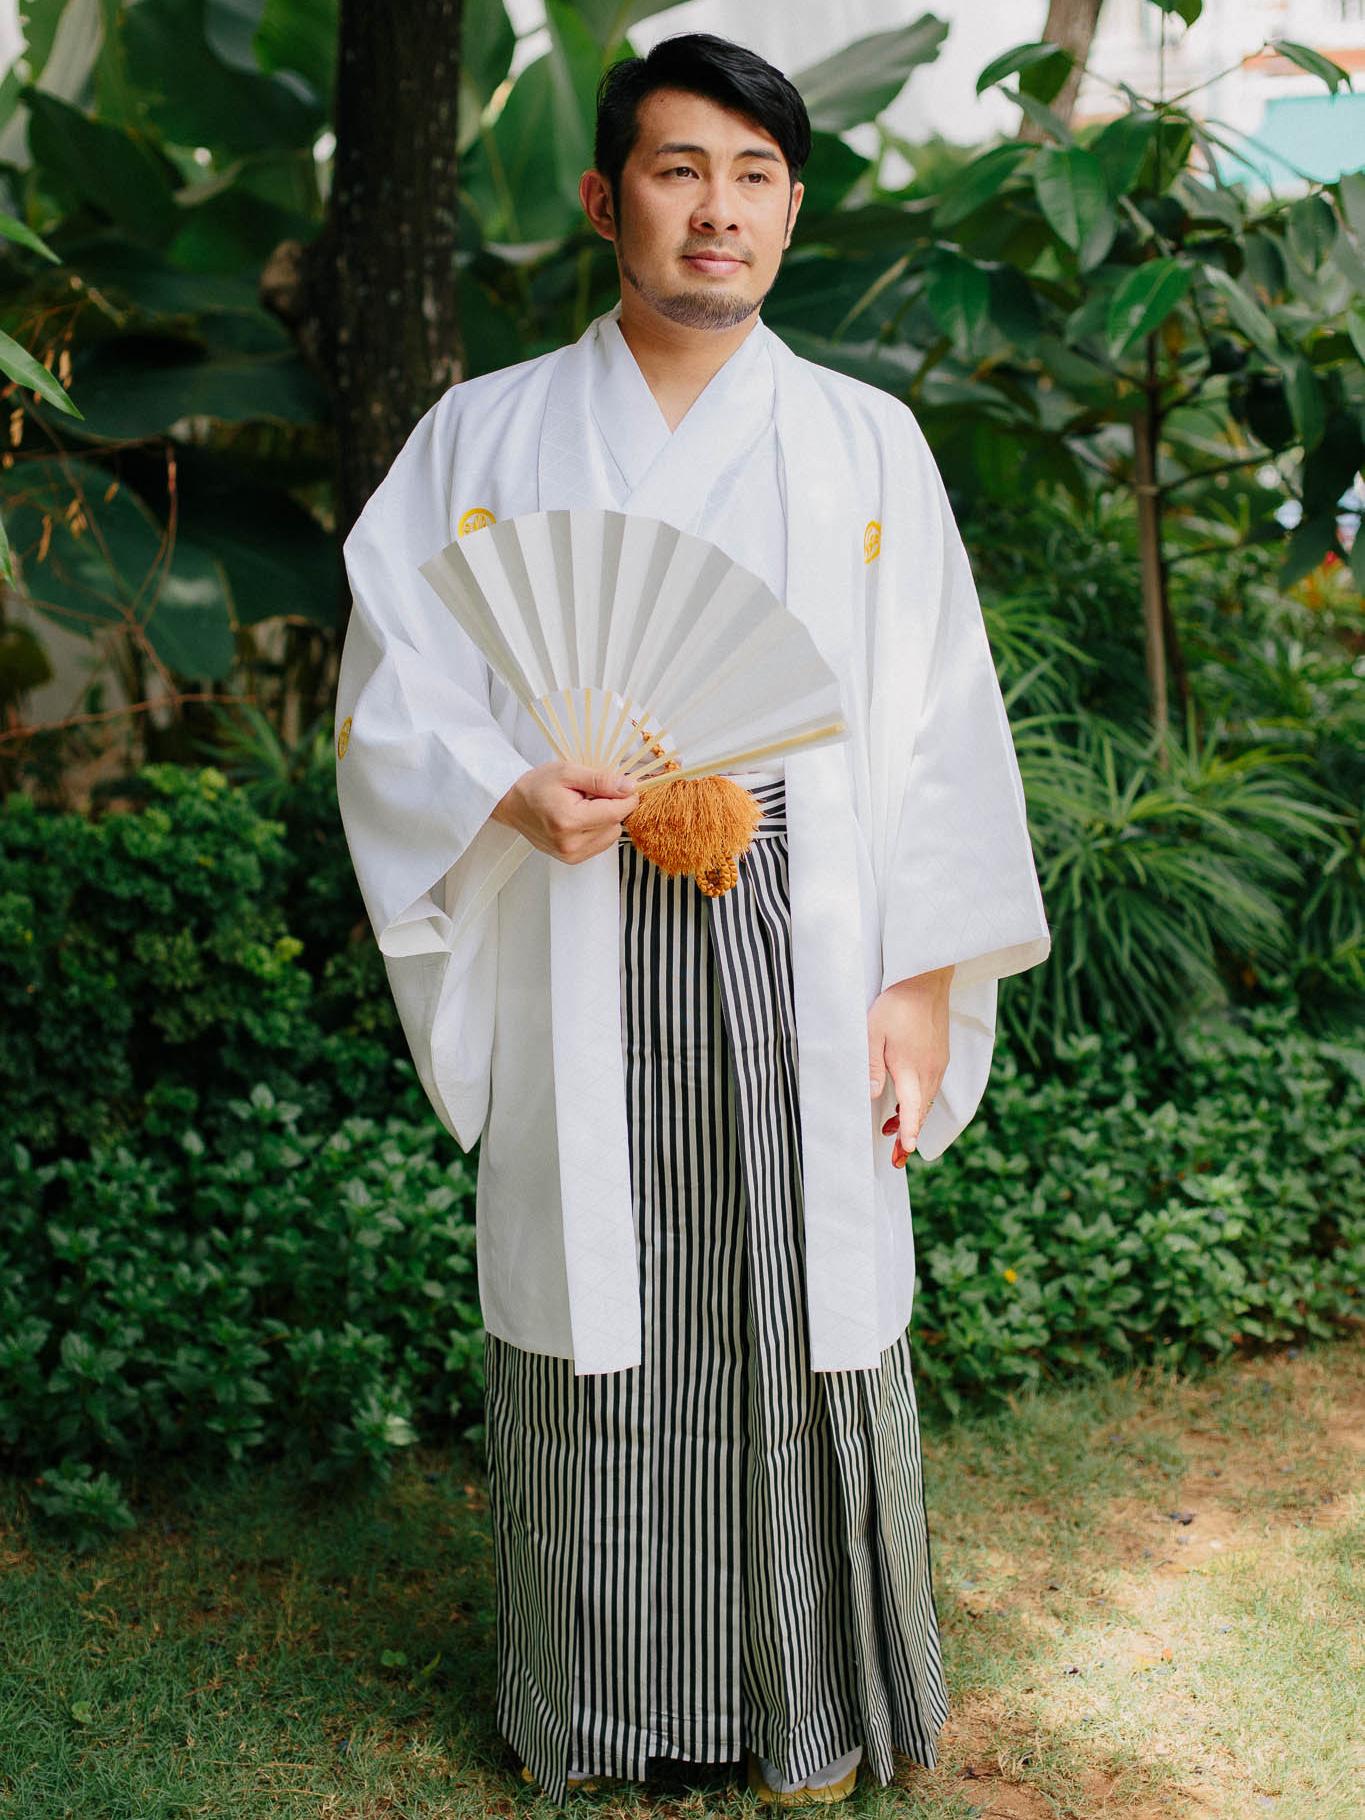 singapore-wedding-photographer-travel-wemadethese-atara-hafizah-34.jpg